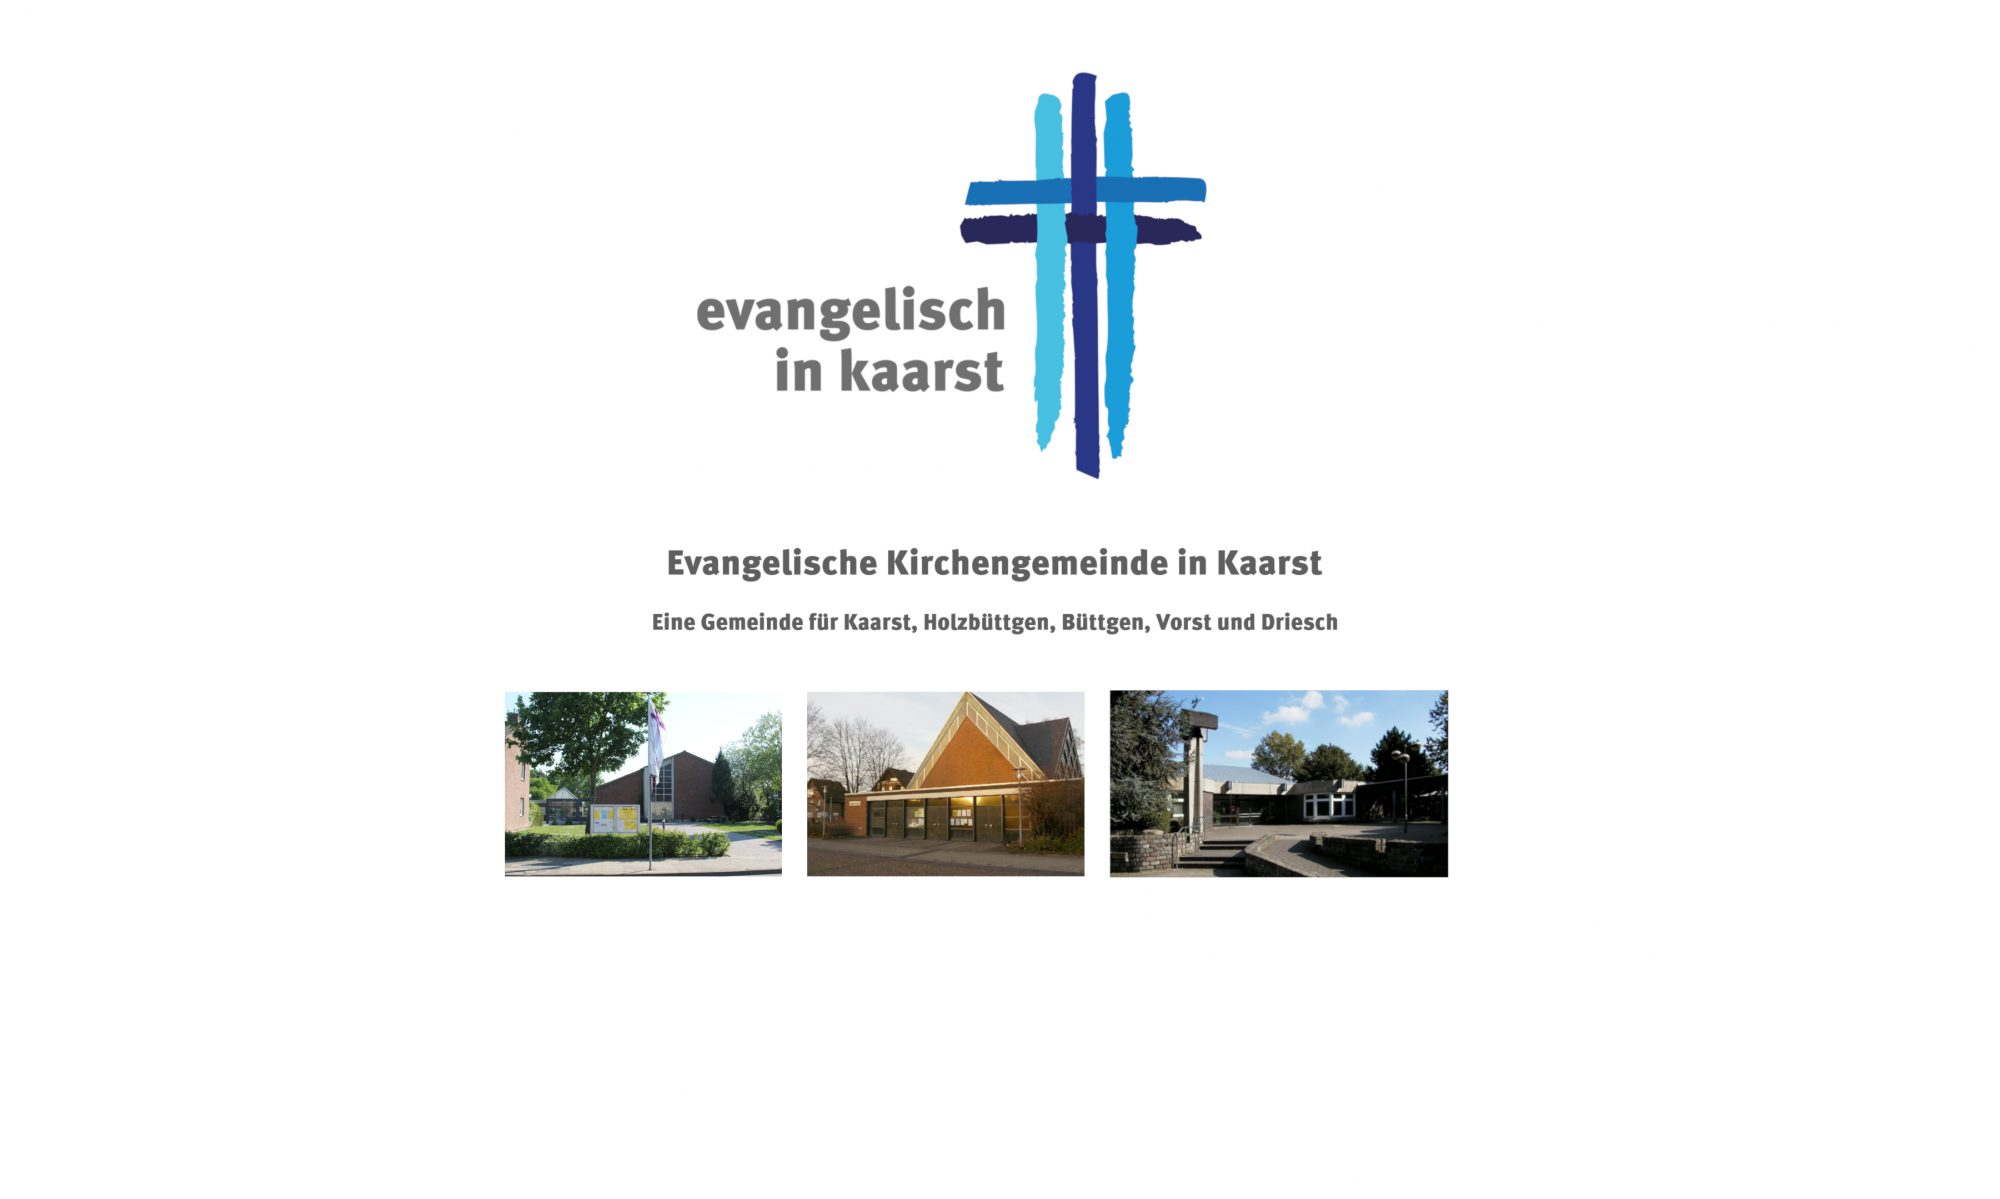 Evangelische Kirchengemeinde in Kaarst